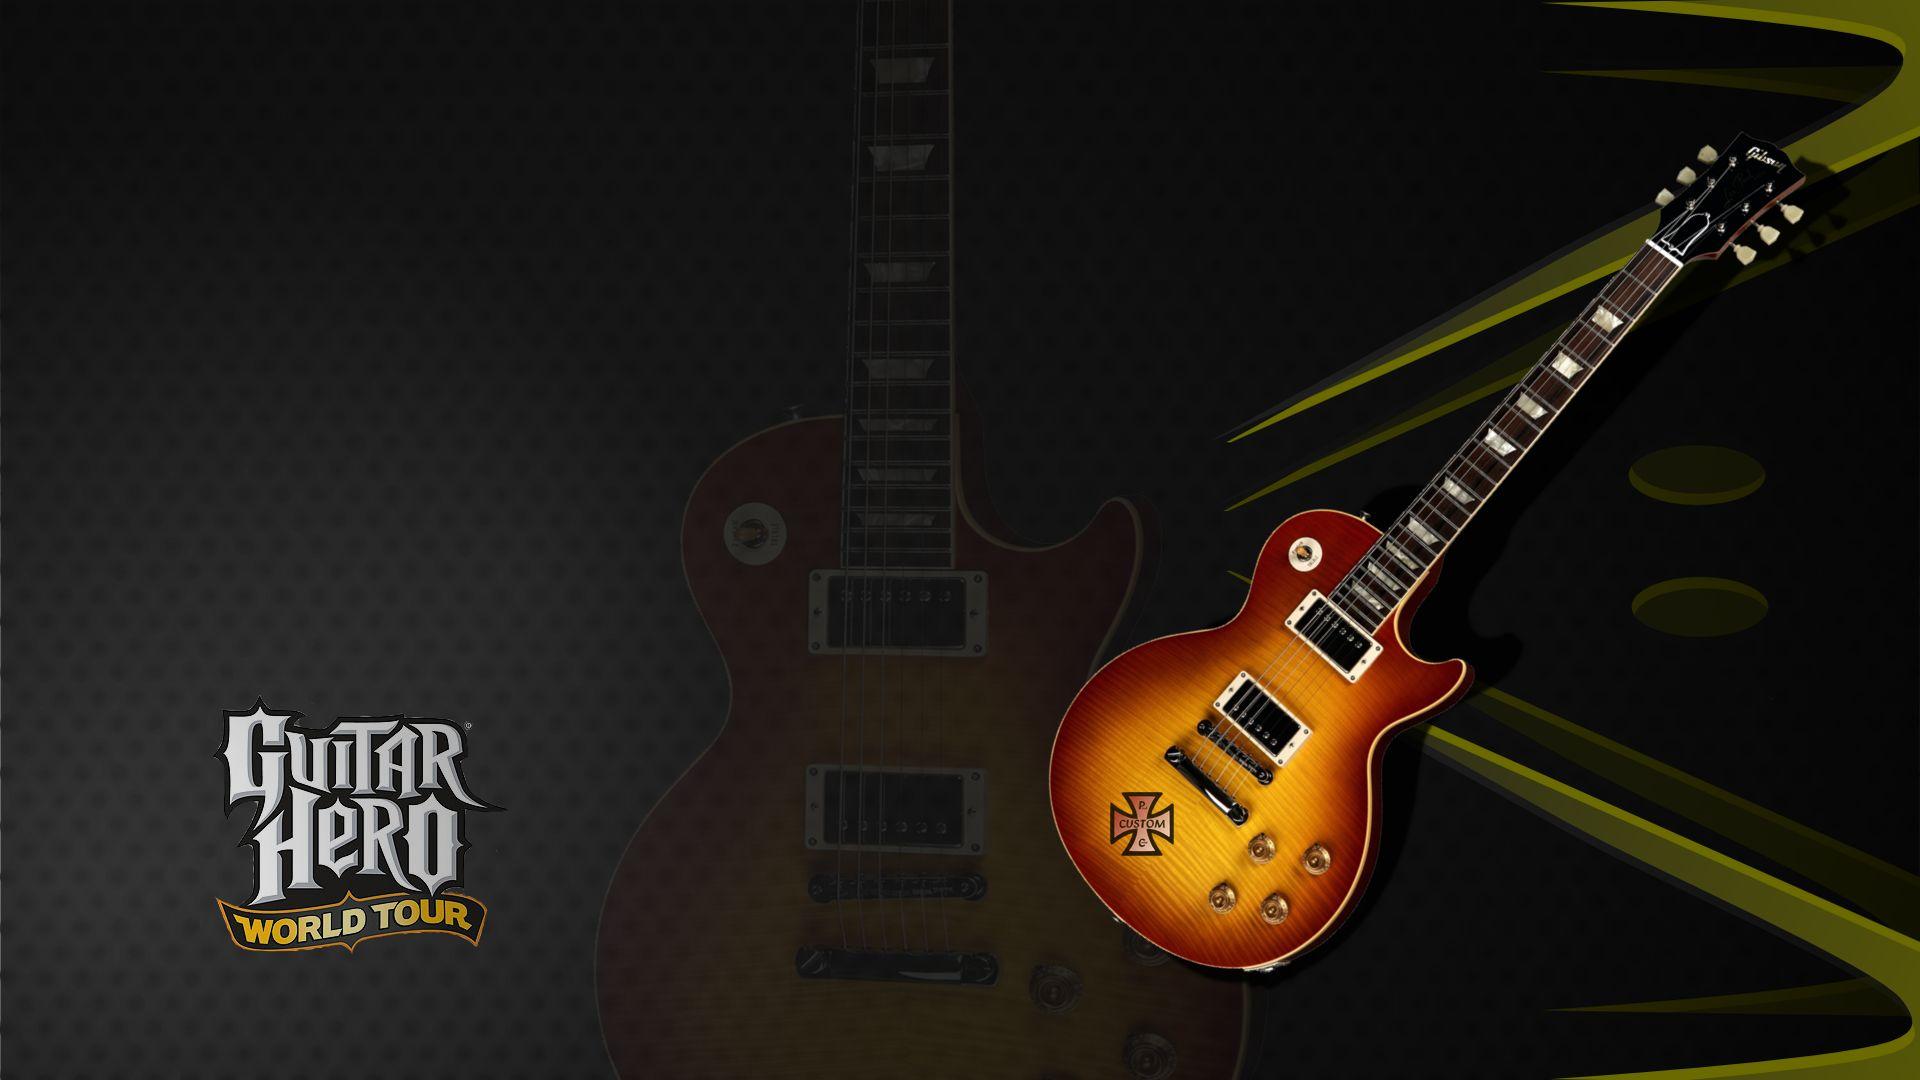 Guitar hero computer wallpapers desktop backgrounds 1920x1080 id 246544 - Guitar hero 3 hd ...